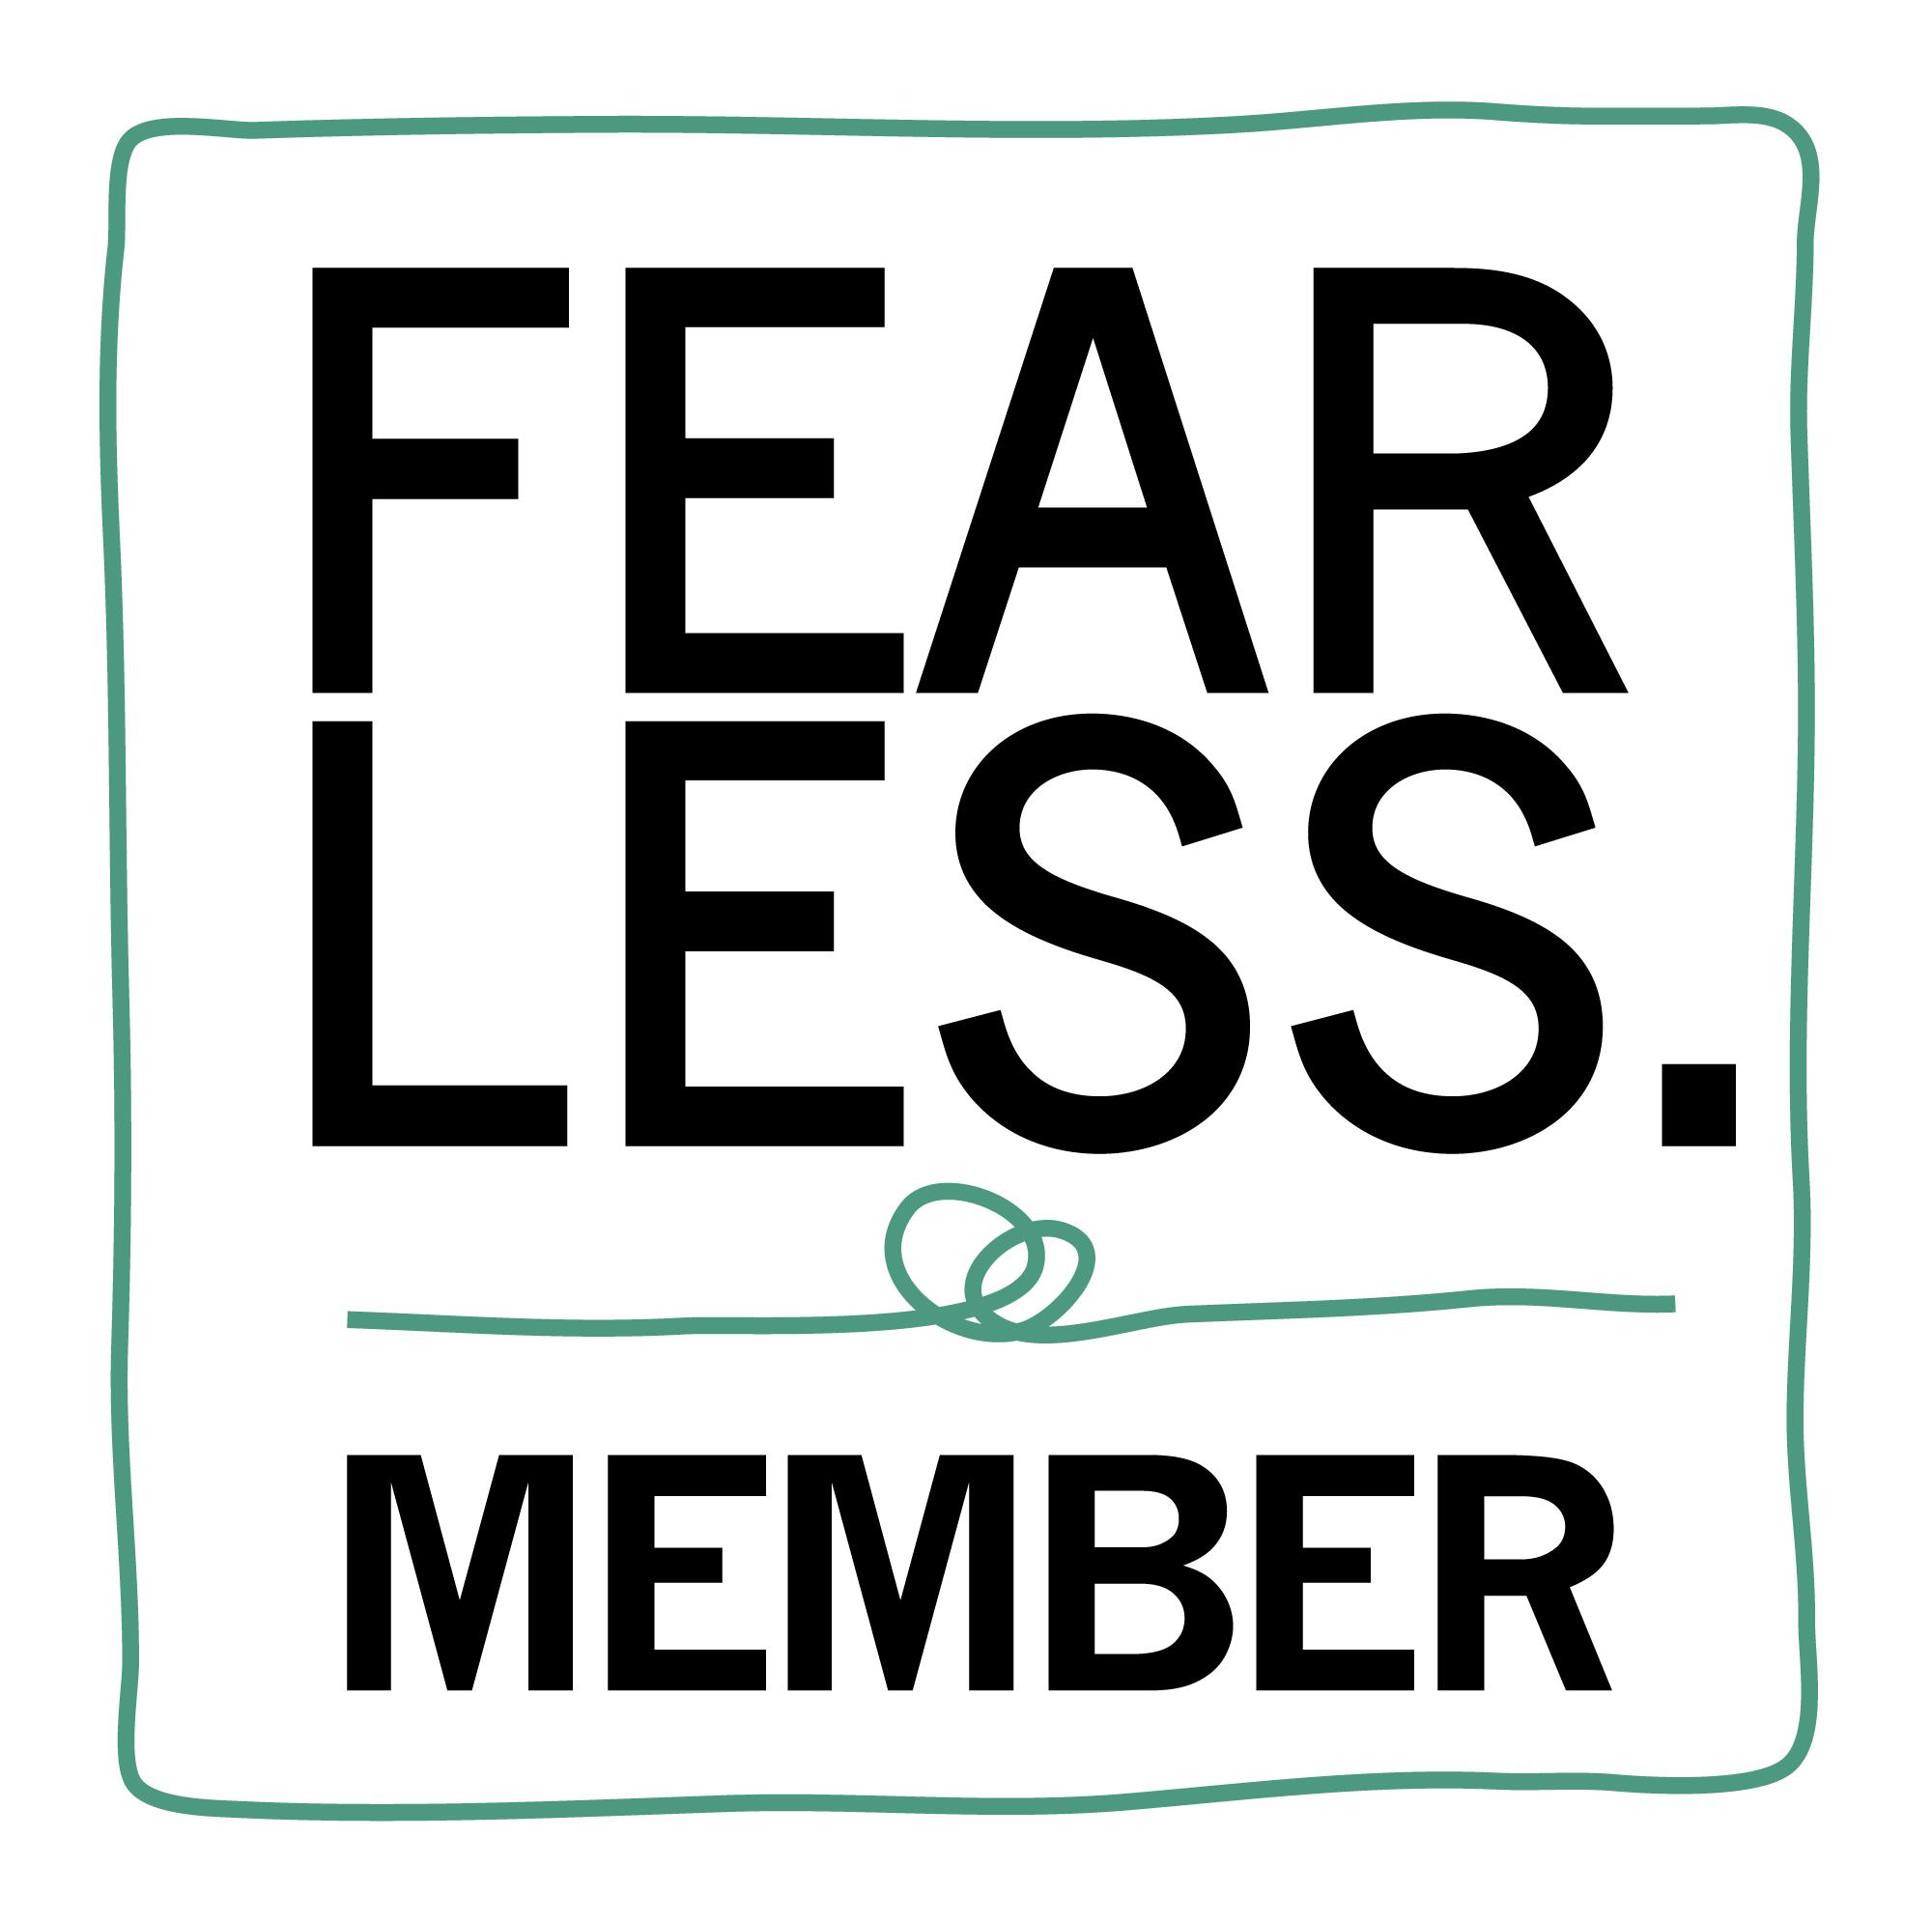 fearless-member-white.jpg